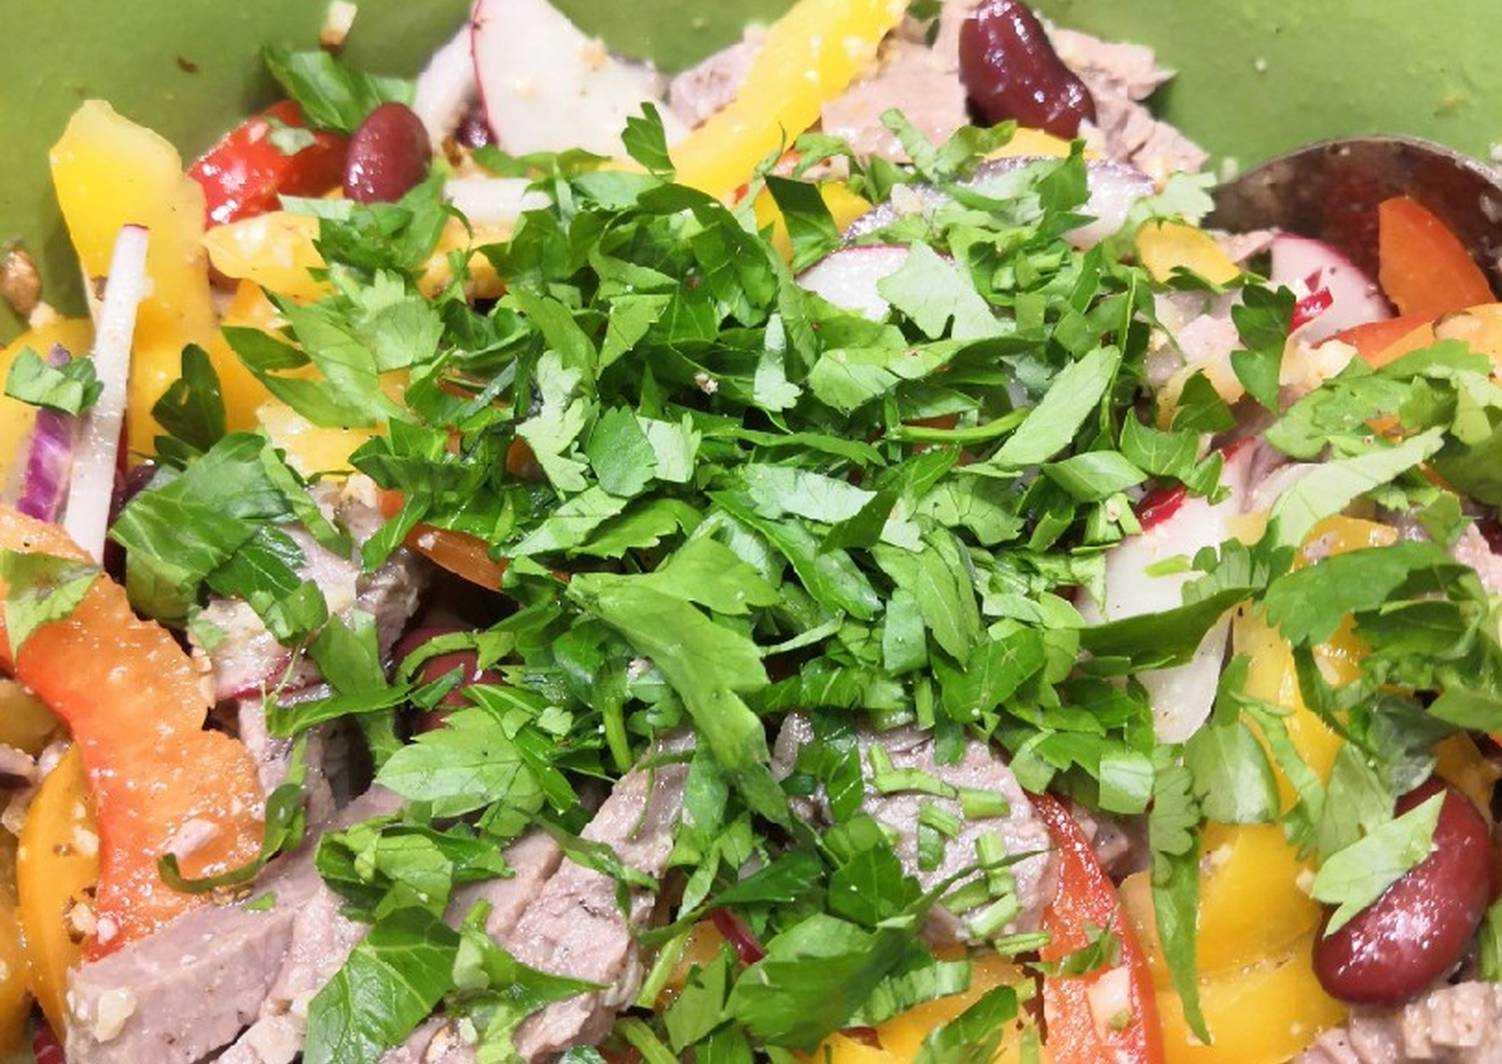 Салат с гранатом: 7 простых рецептов к праздничному столу